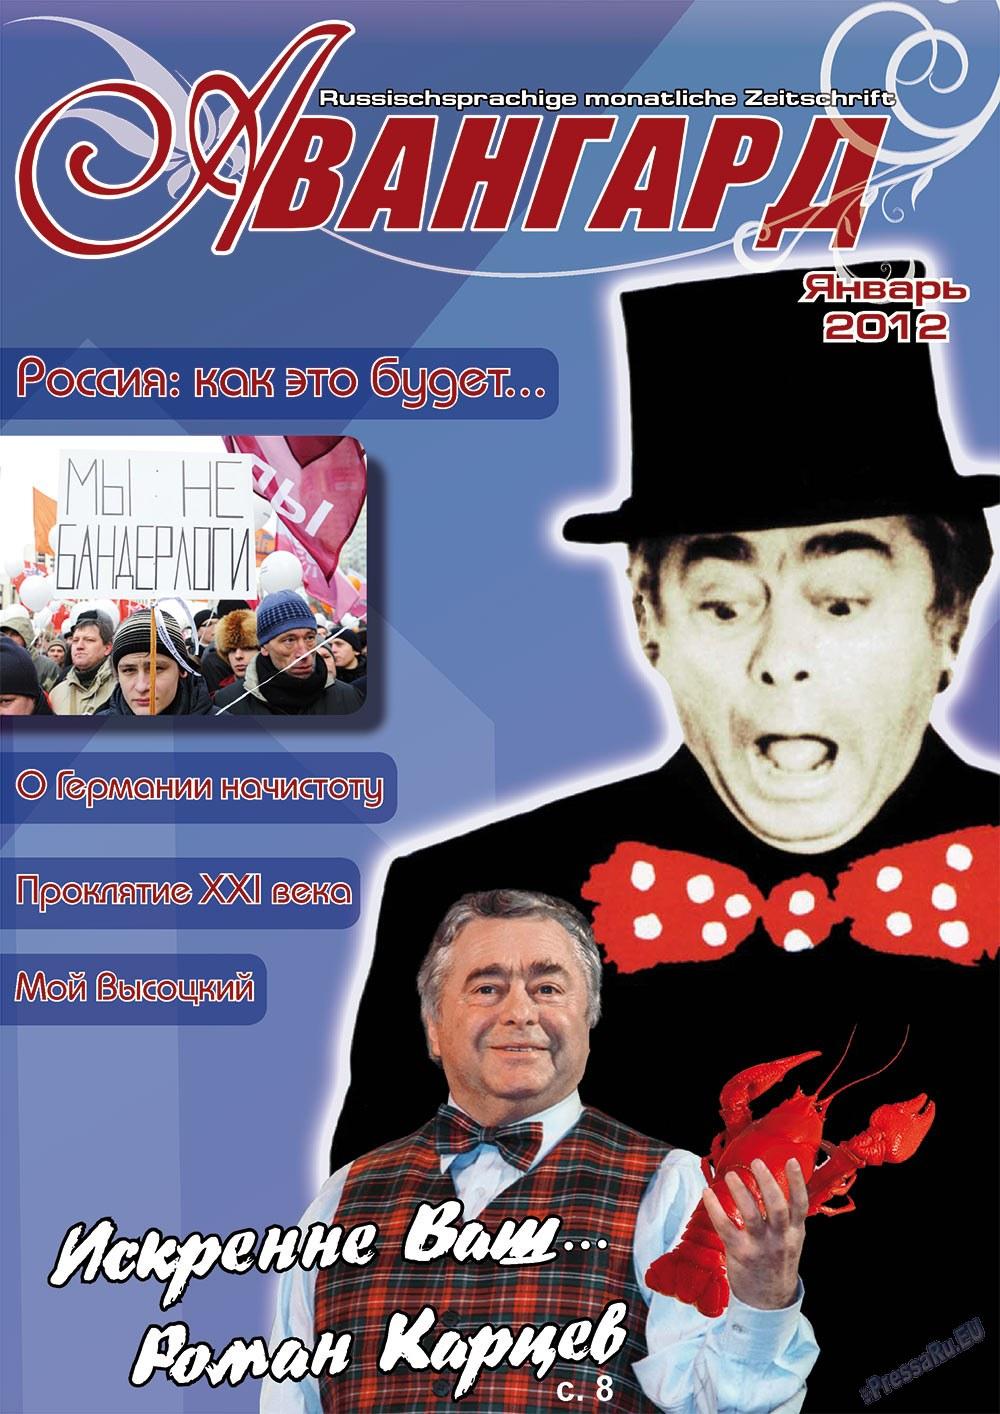 Авангард (журнал). 2012 год, номер 1, стр. 1